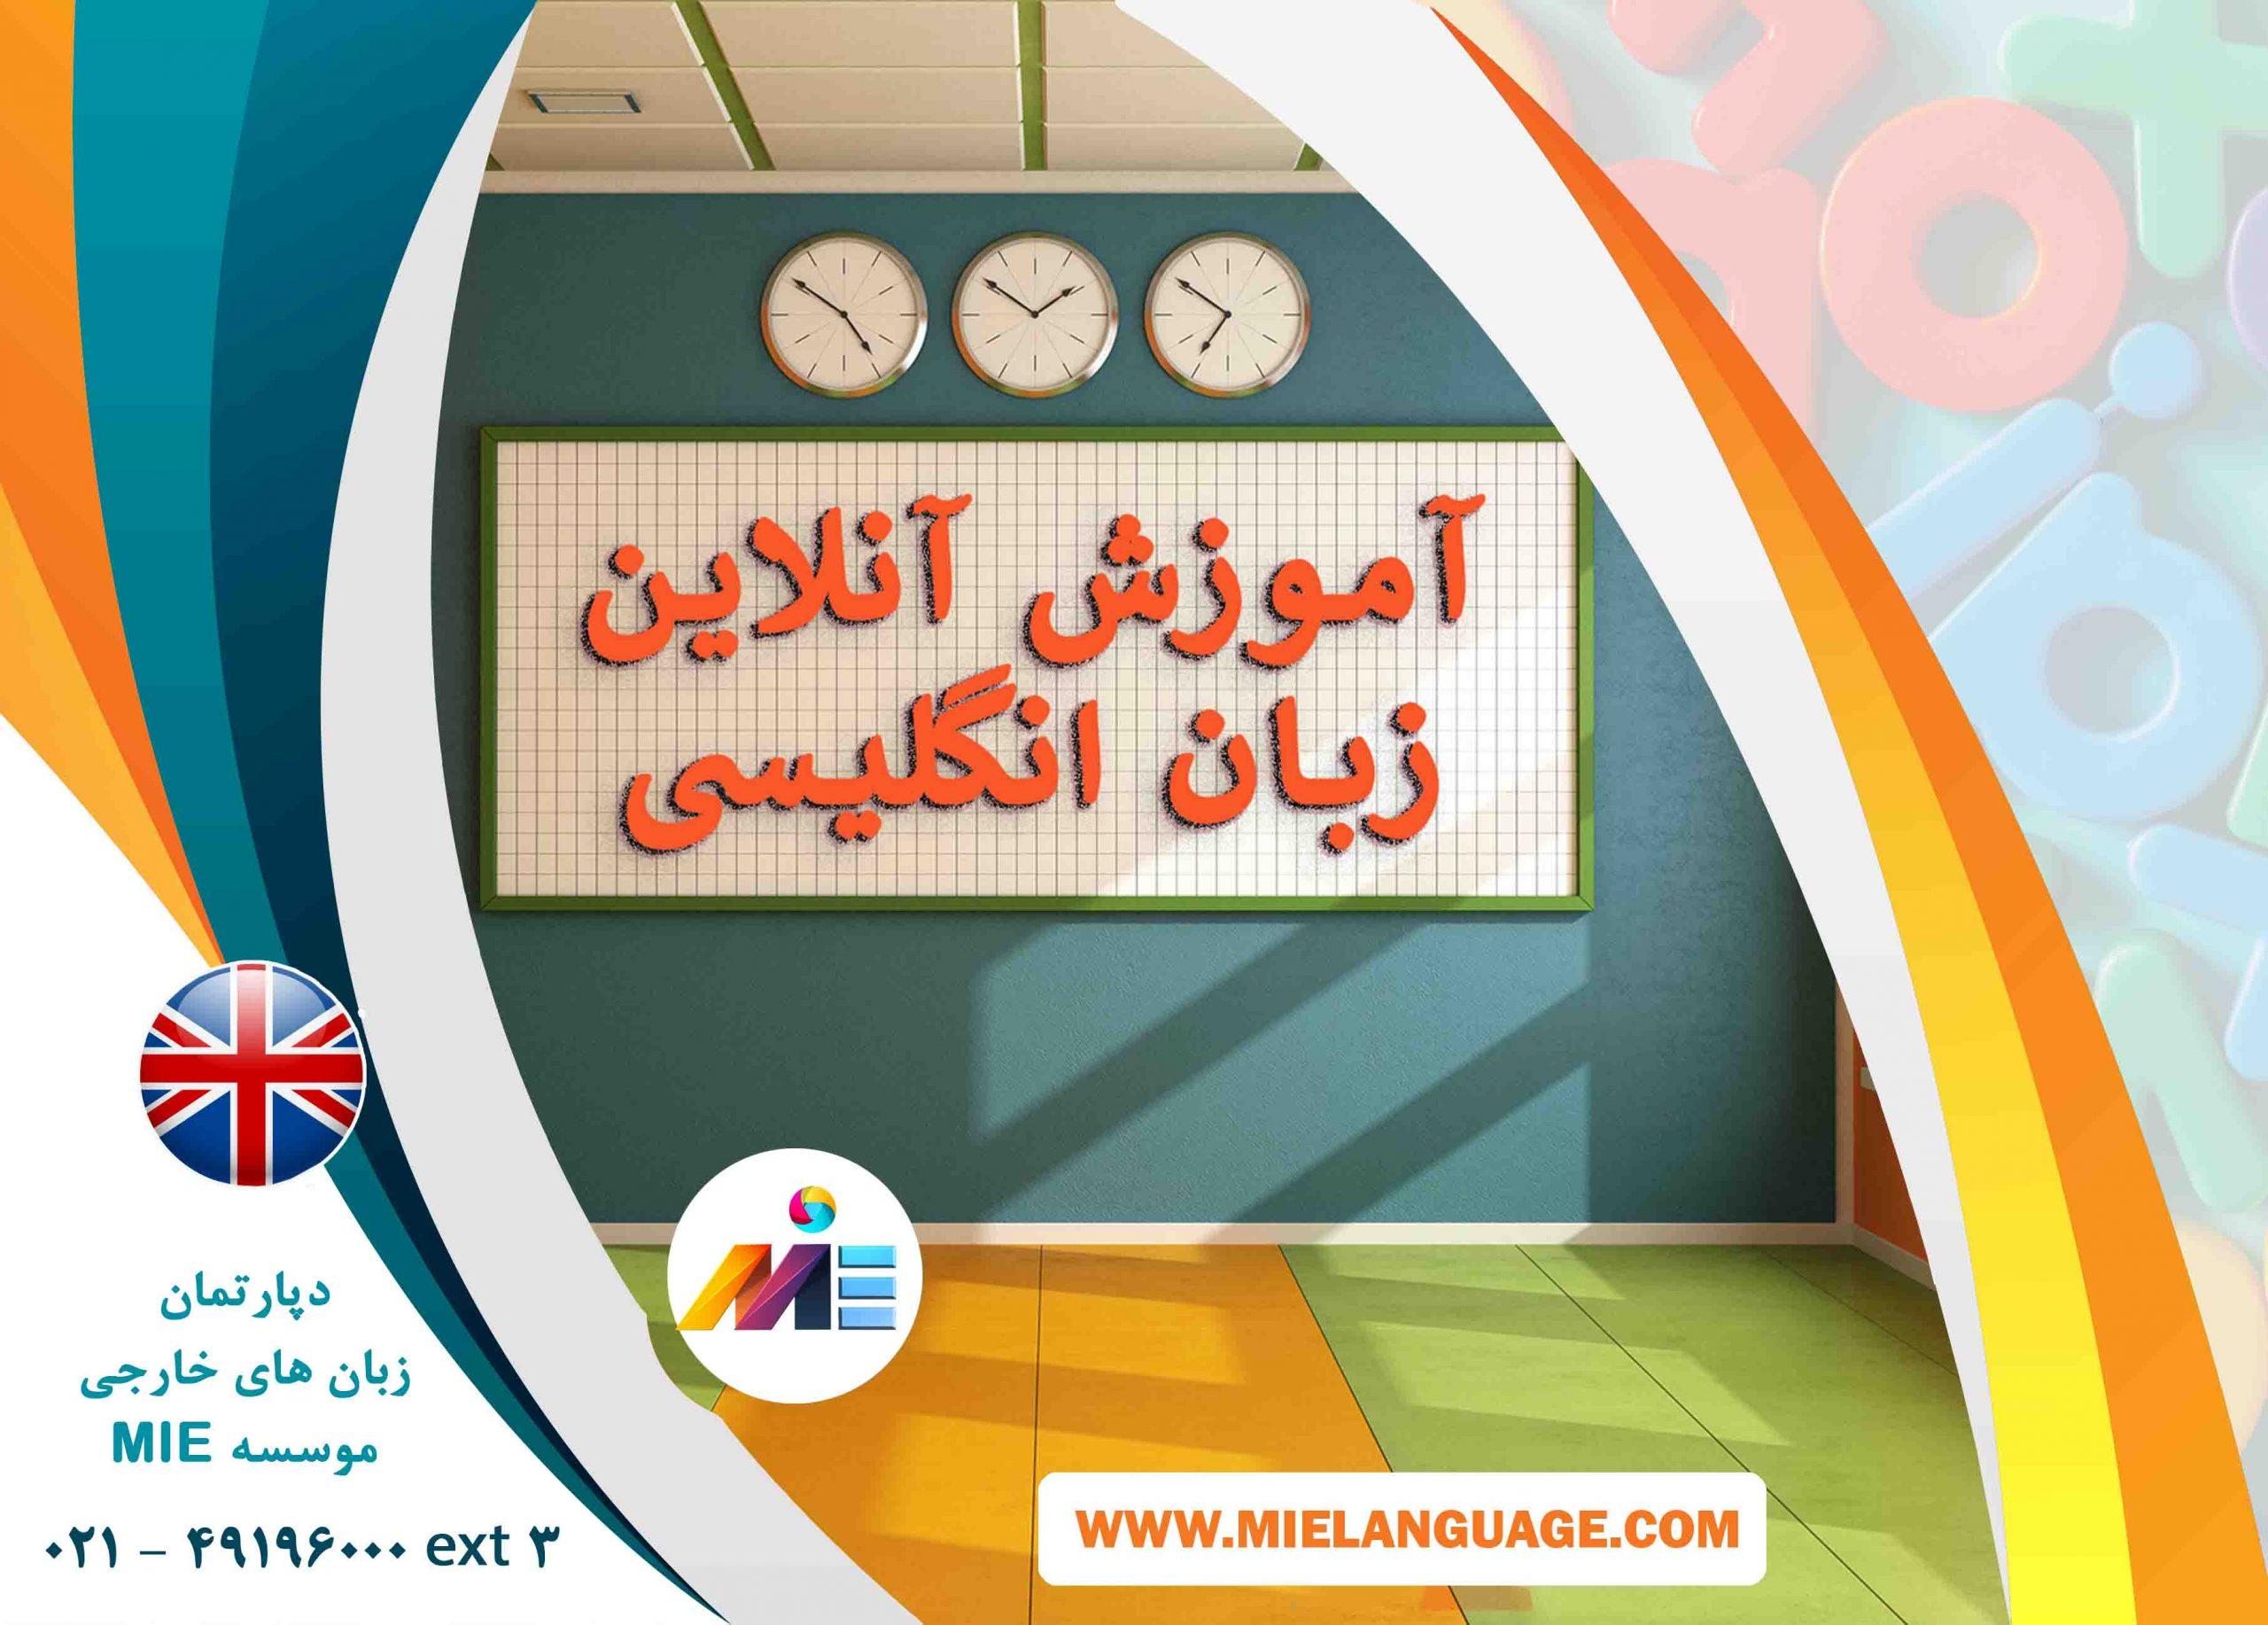 آموزش آنلاین زبان انگلیسی - درس دوم